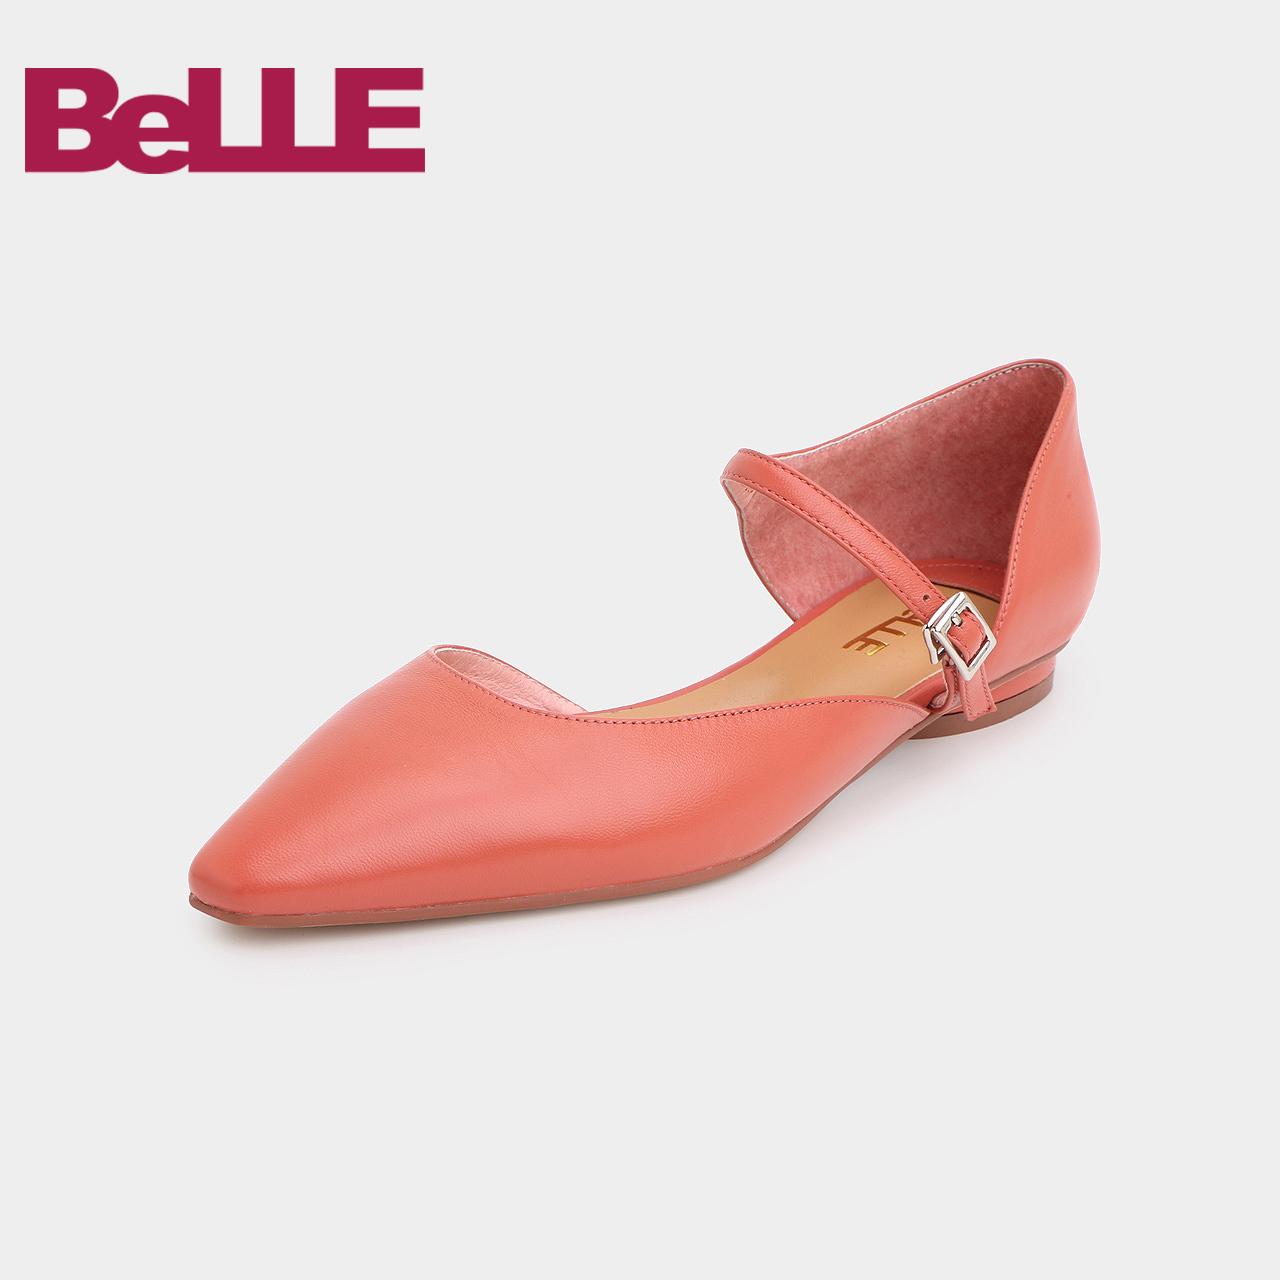 百丽一字带凉鞋女2019夏新商场同款平底凉鞋BH636BK9